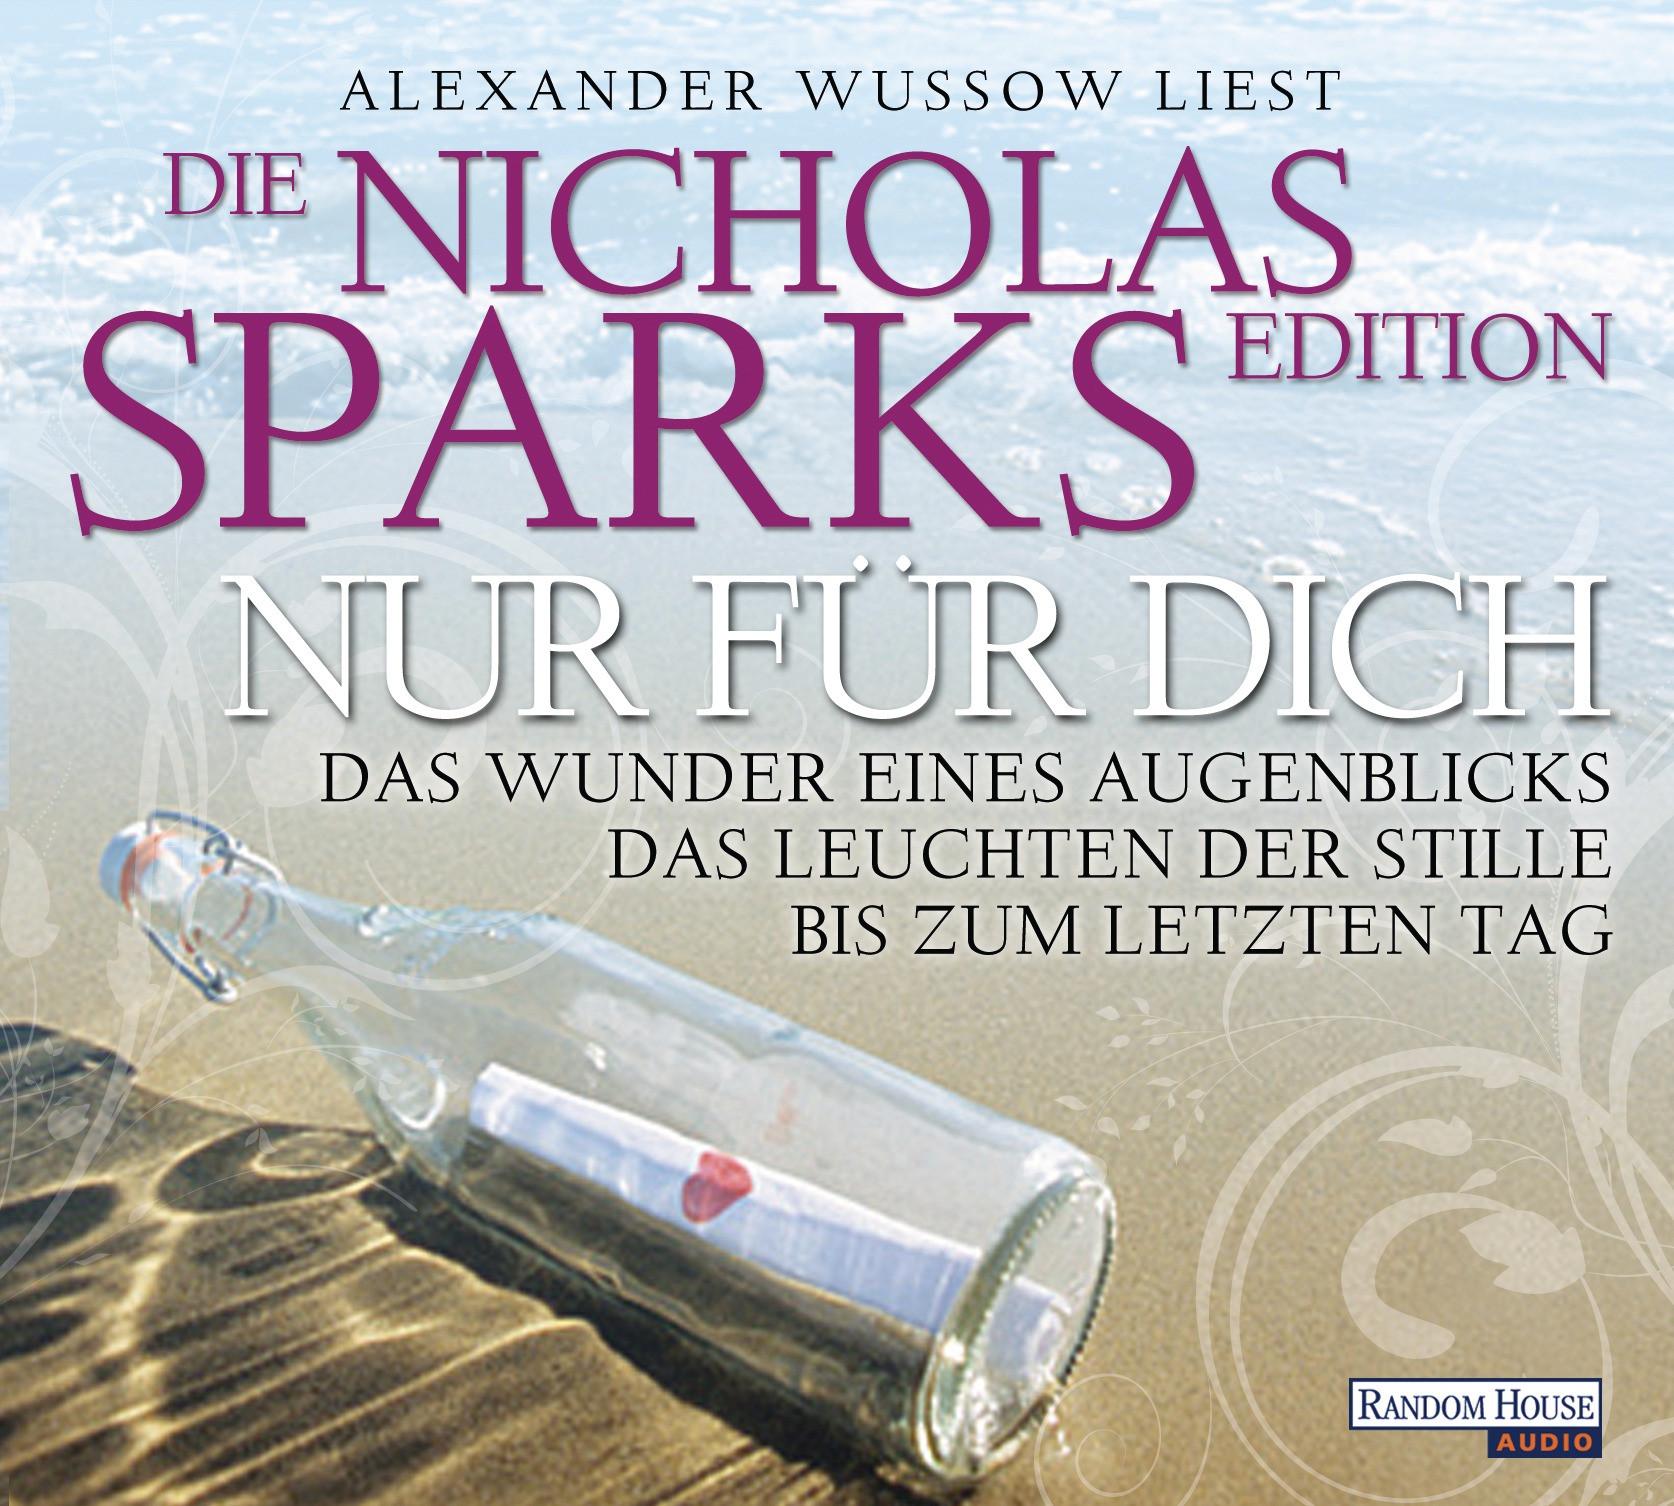 Nicholas Sparks - Nur für dich - Die Nicholas Sparks Edition